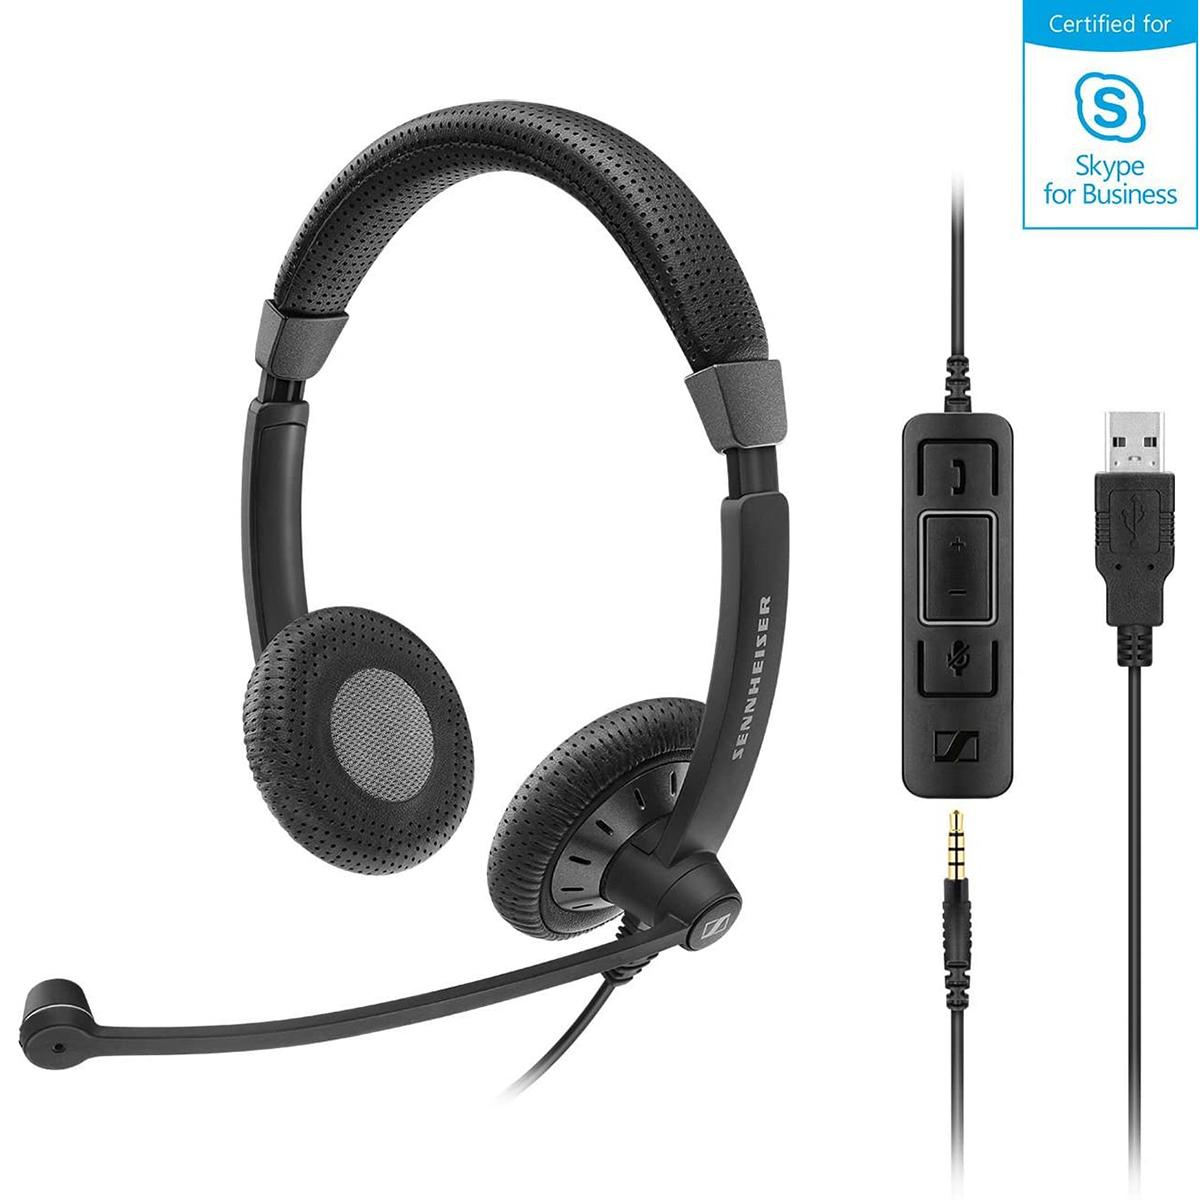 EPOS Sennheiser SC45 USB and 3.5mm MS Mono Headset